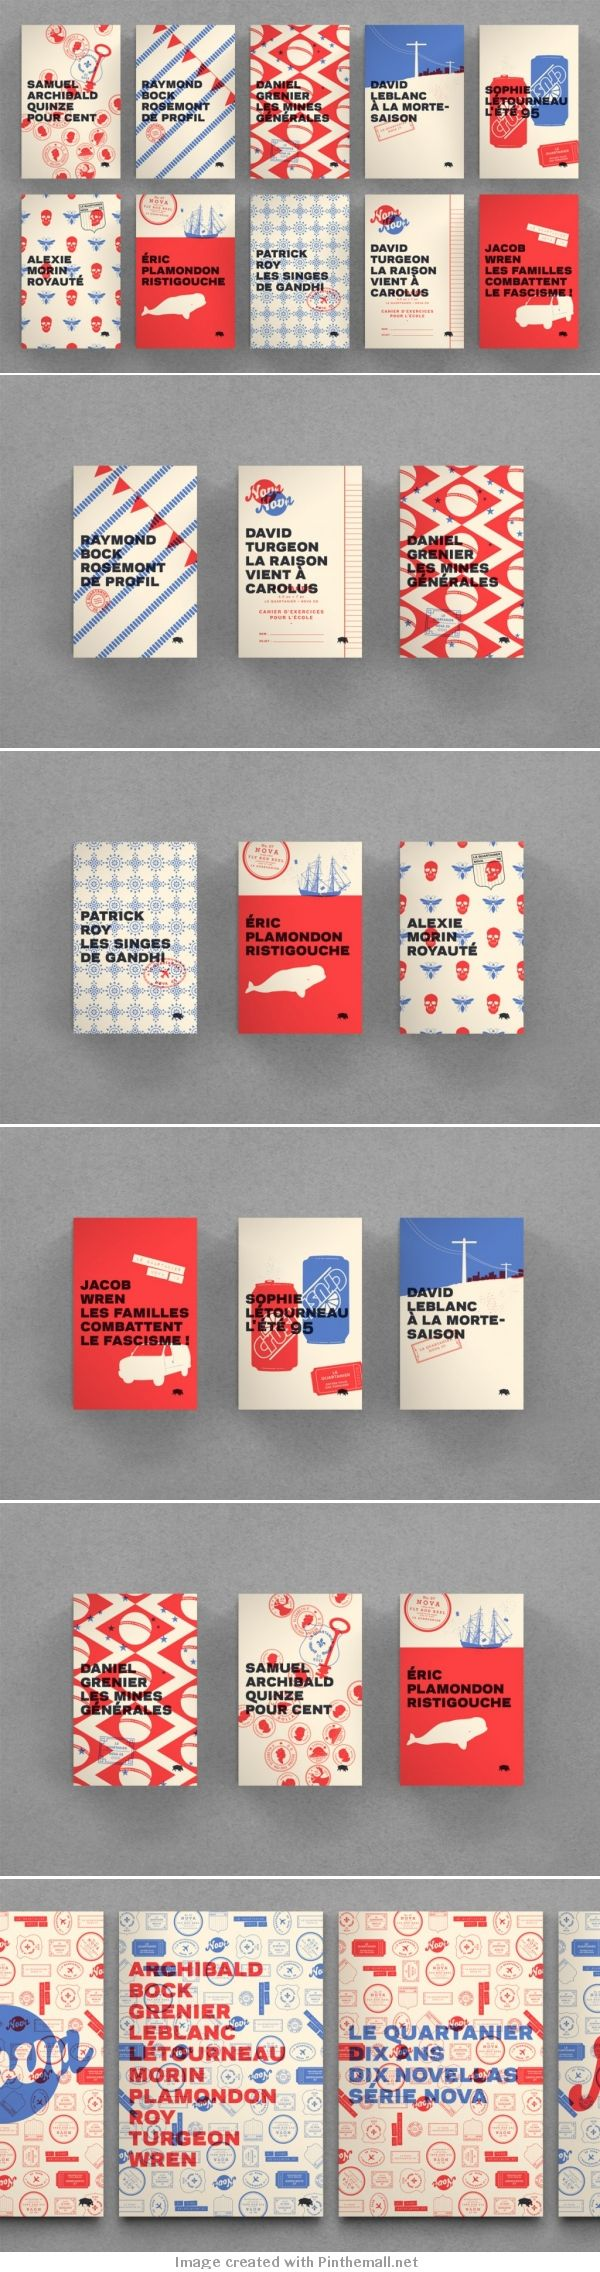 Le Quartanier - couvertures en bichromie - collectif Pointbarre (Canada)